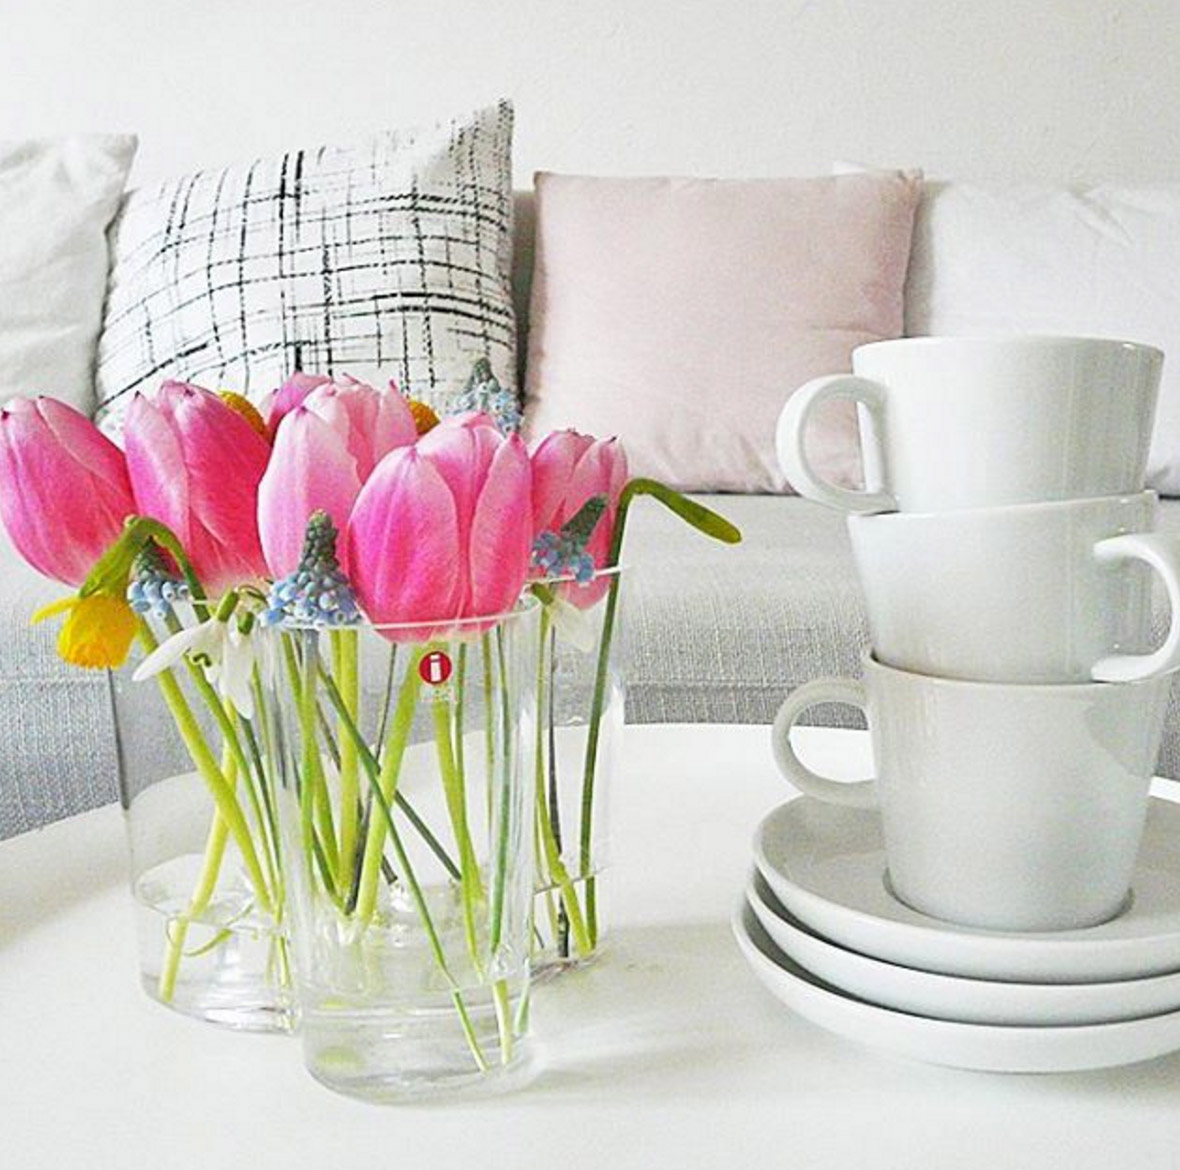 Sch ne dekoideen mit blumen und die sch nsten vasen for Blumen dekorieren im glas